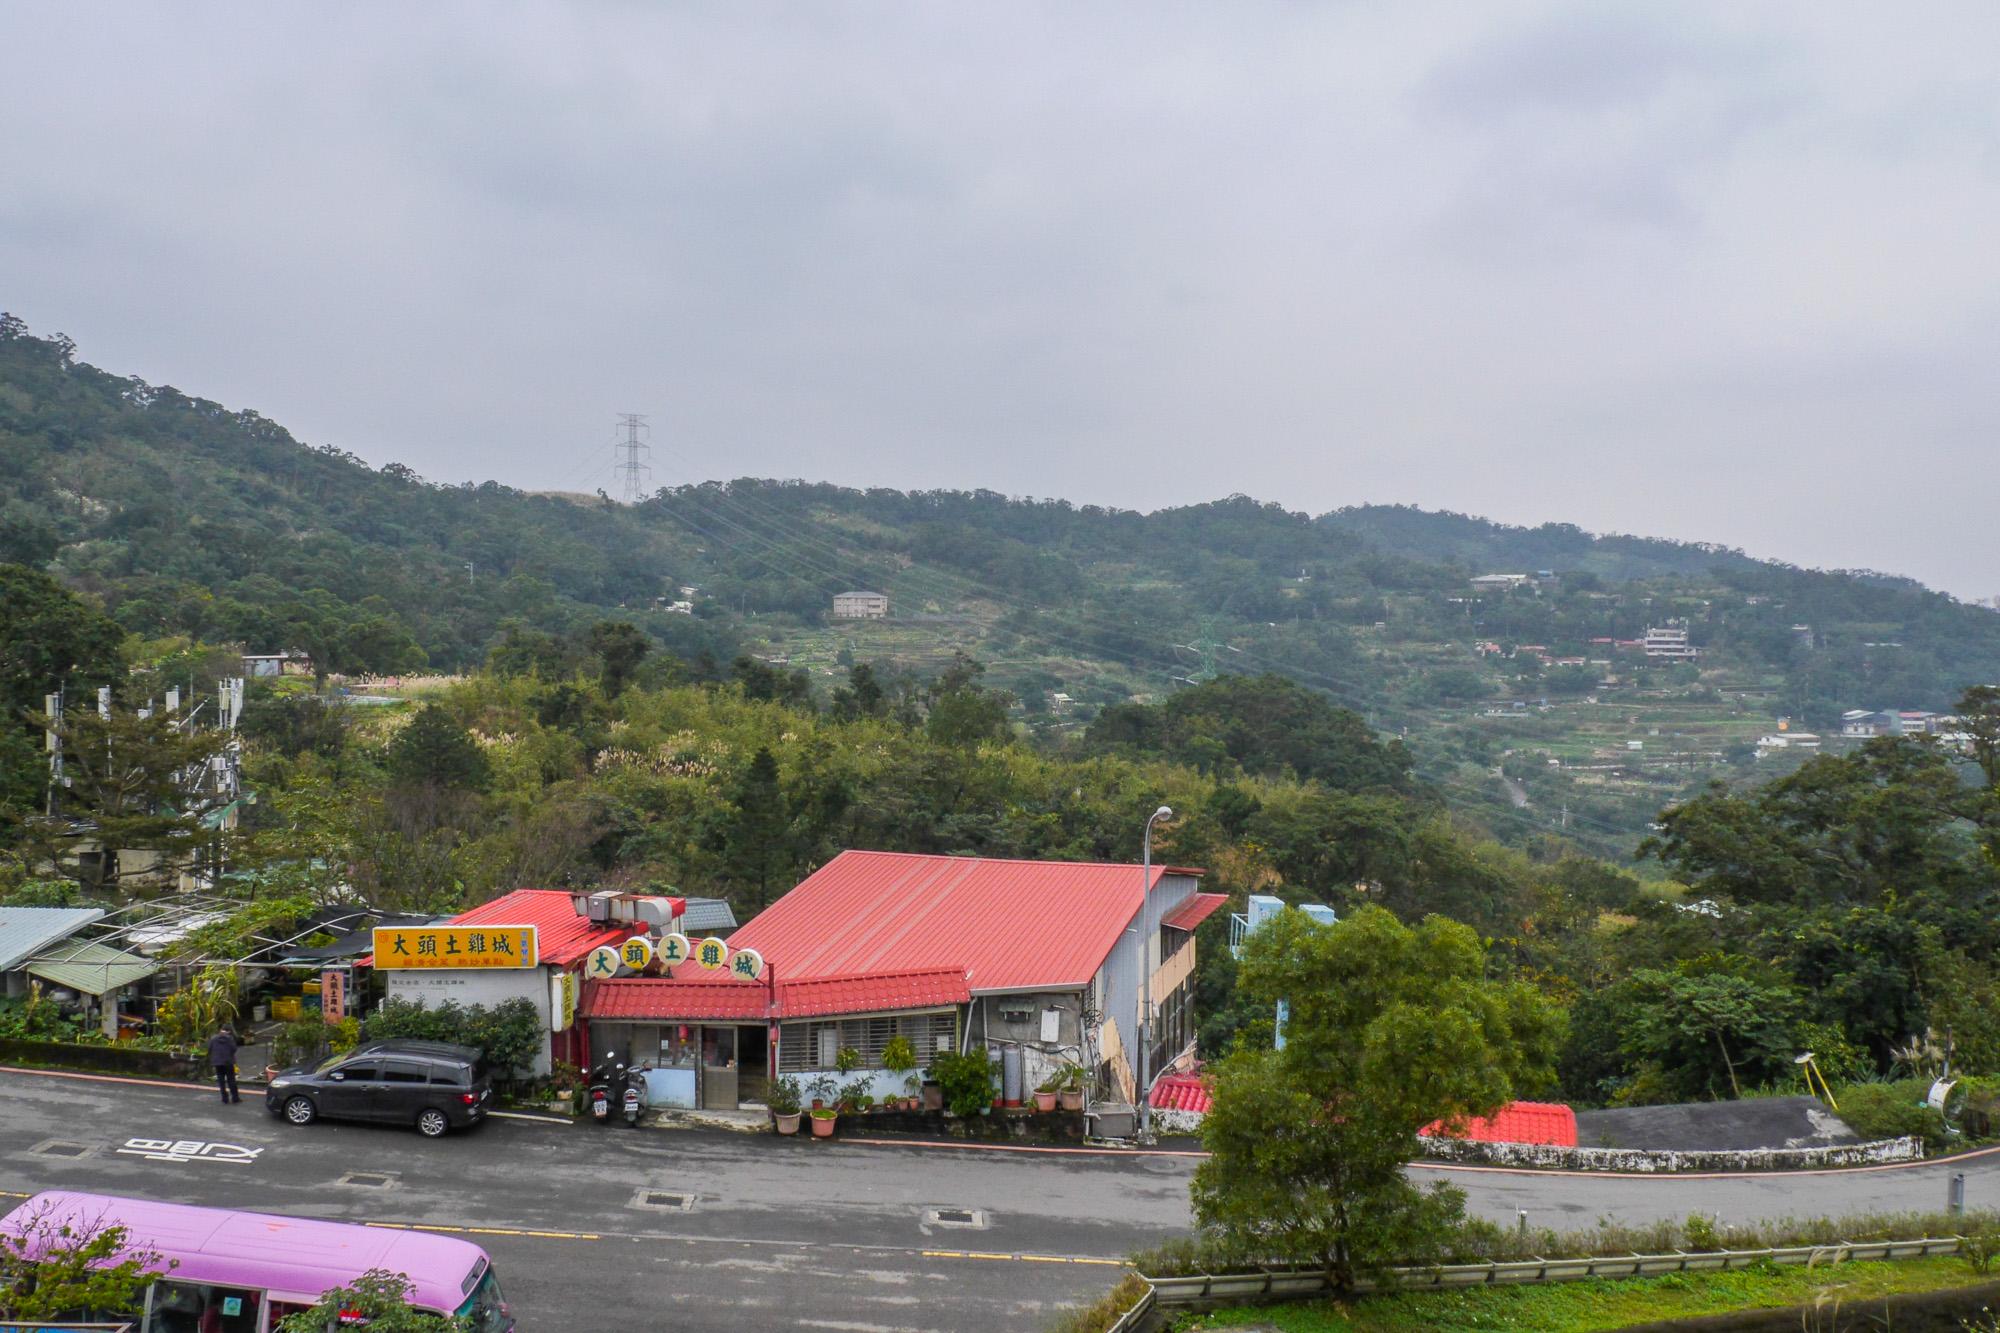 View at the top of Makong Gondola